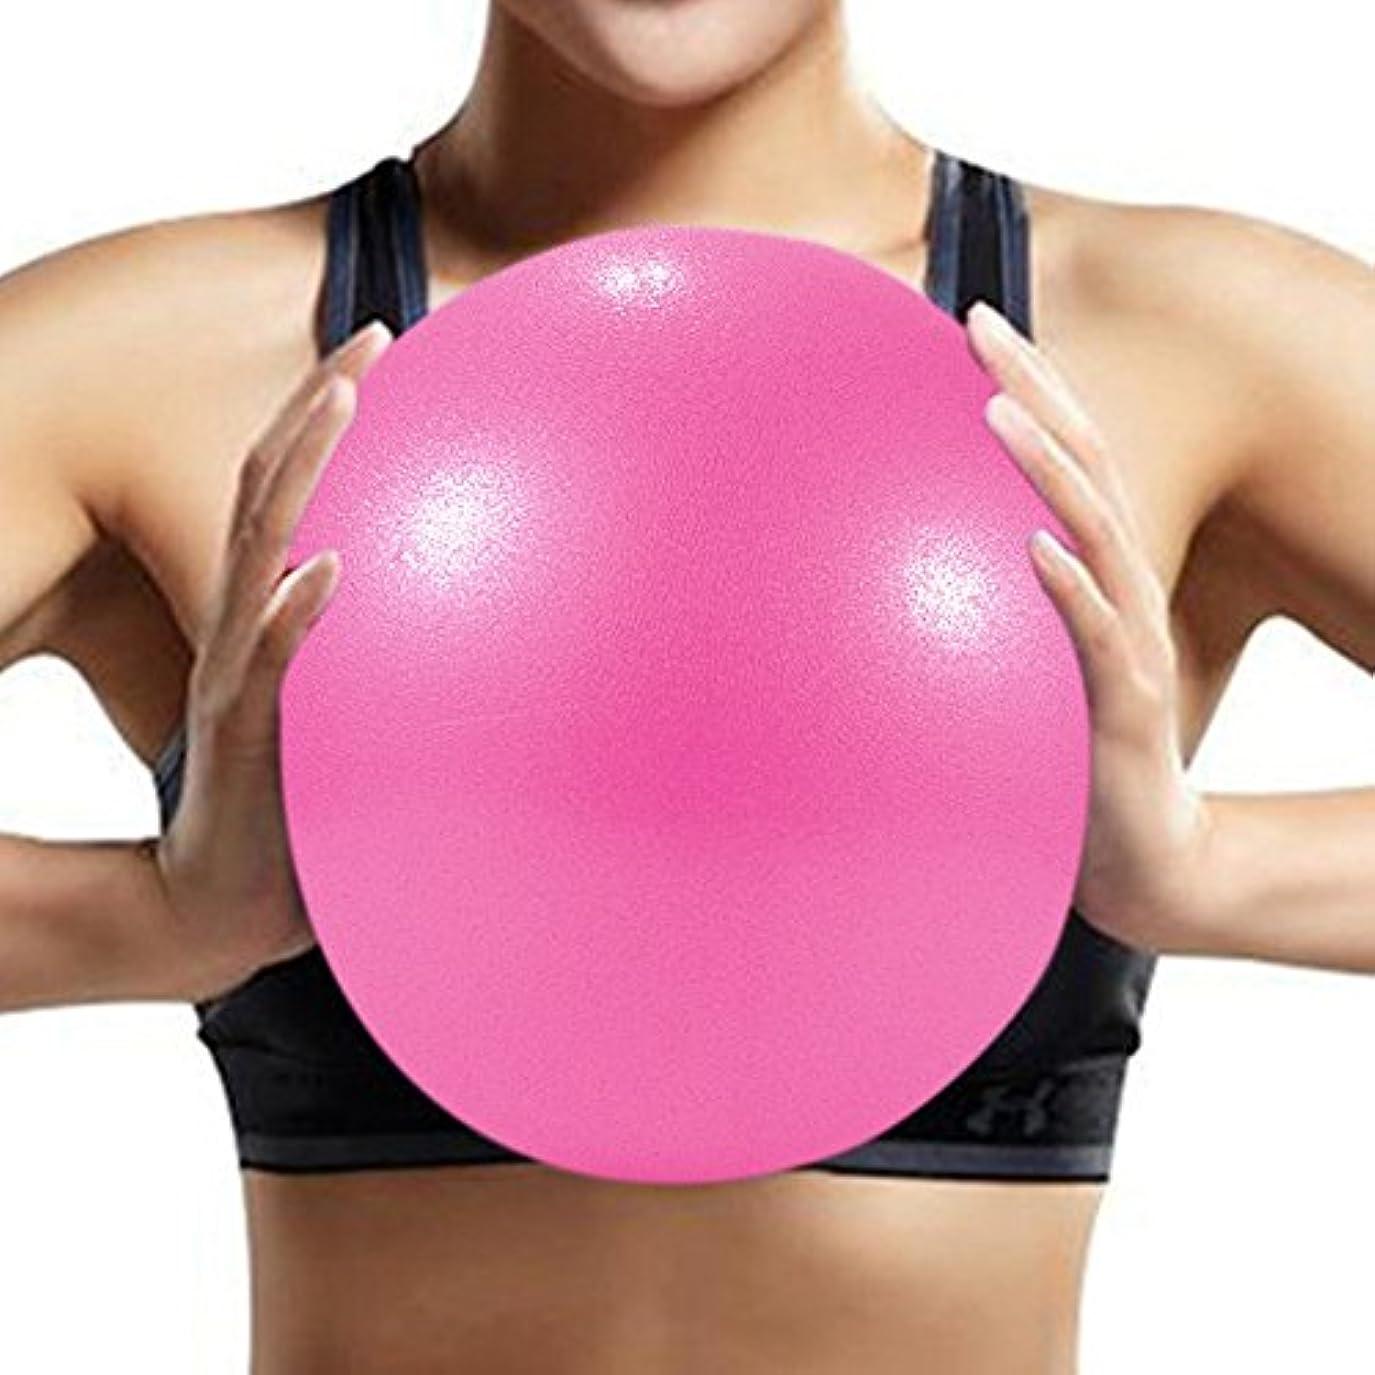 エンディングヘロイン民間Refaxi ピンクヨガマッサージボール25cmエクササイズピラティスバランス体操練習フィットネスボール